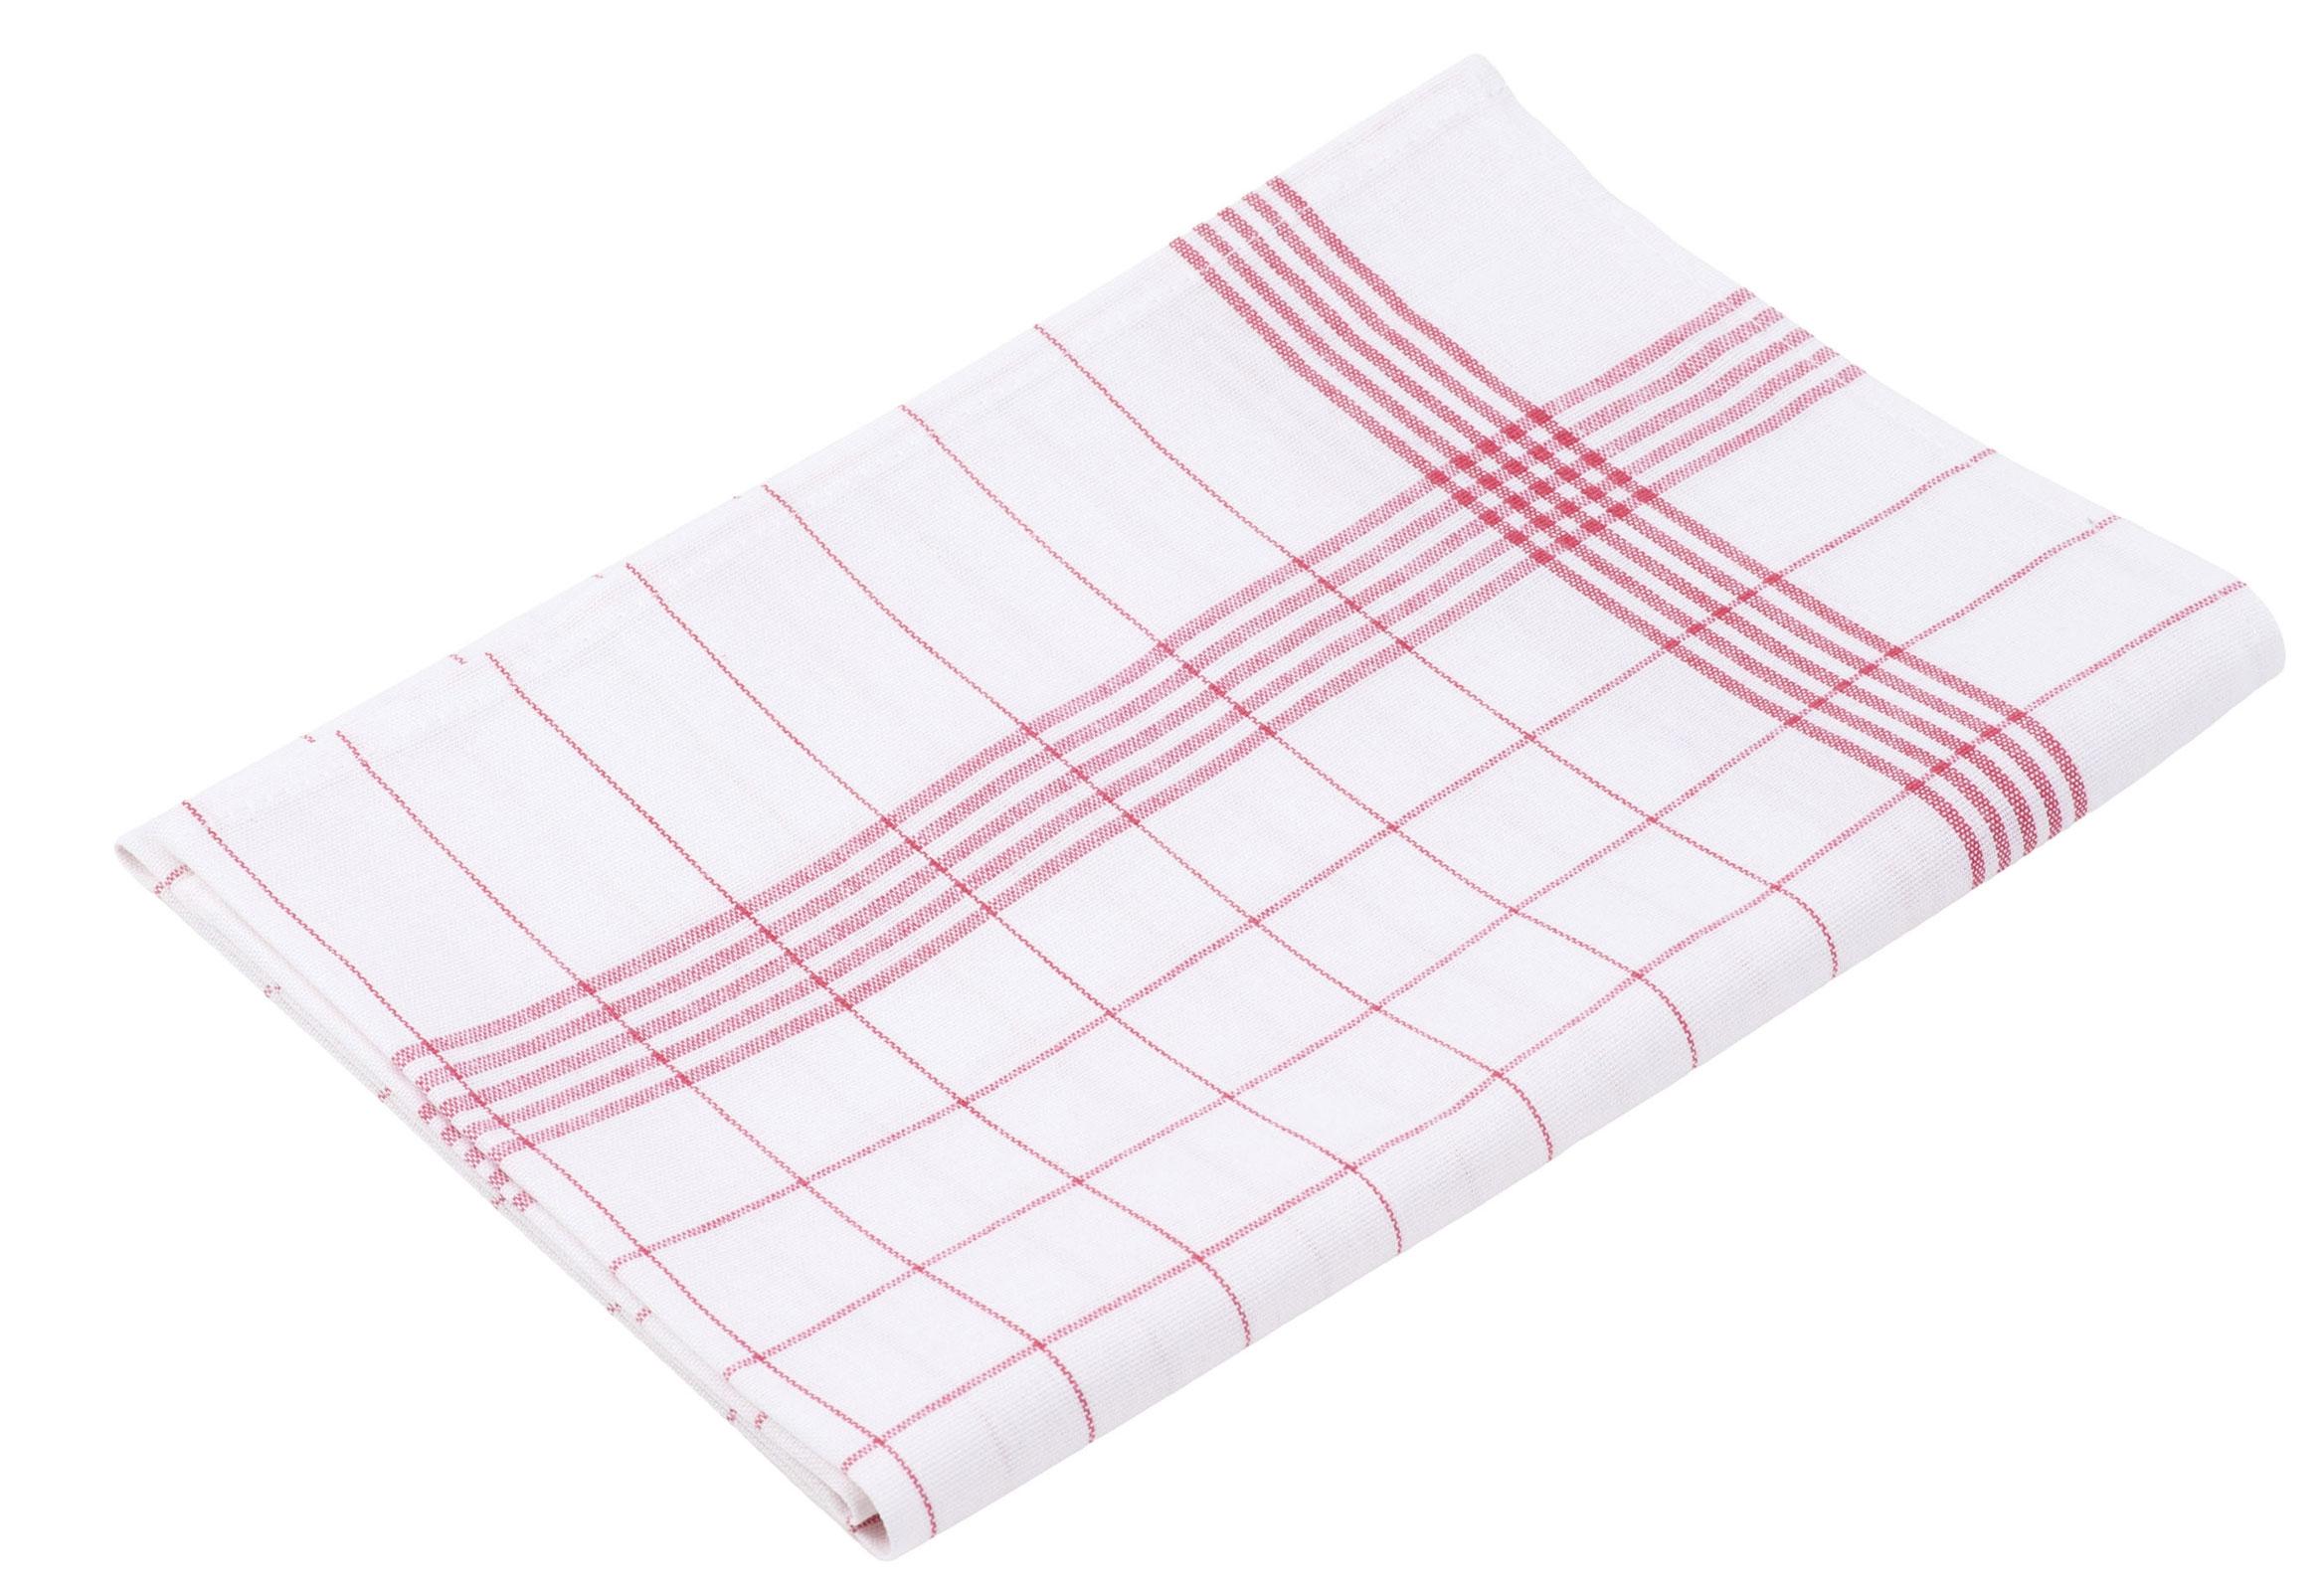 Küchentextilien - 10er Pack Gözze Halbleinen Geschirrtuch 50x70 weiß rot  - Onlineshop PremiumShop321